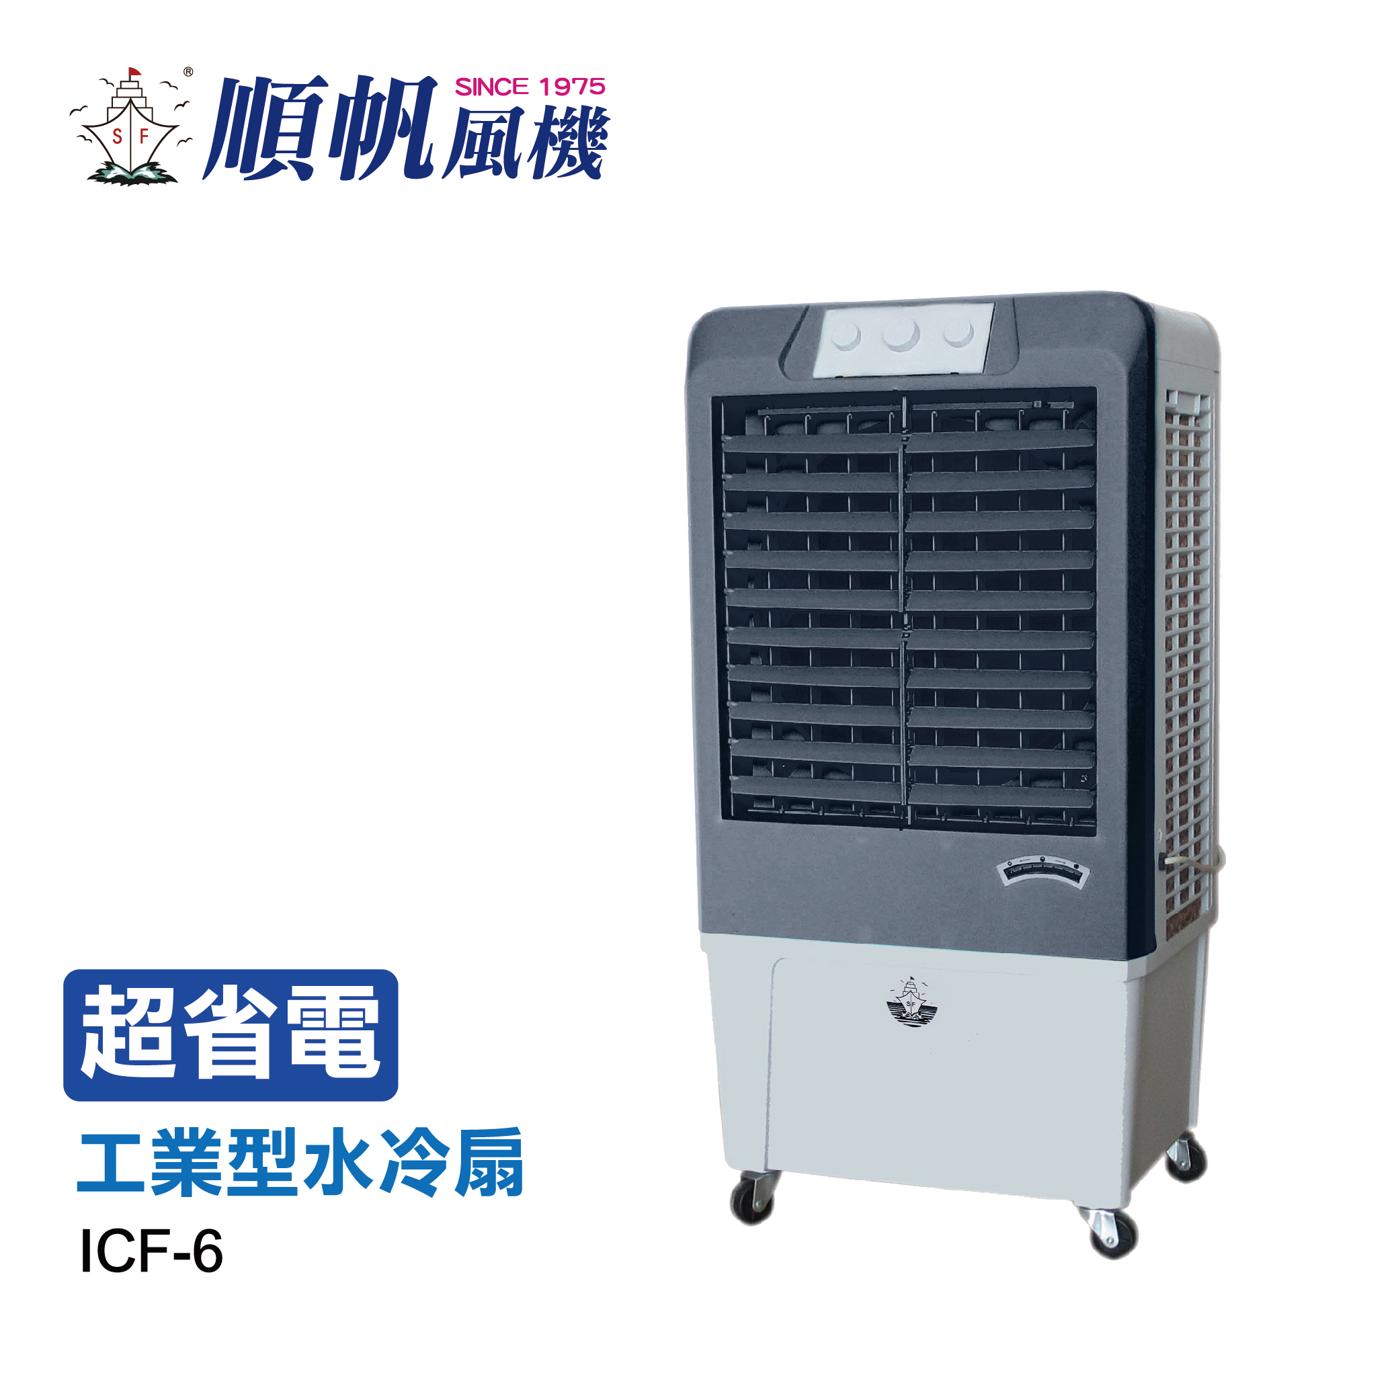 順帆水冷扇14吋工業用商用ICF-6